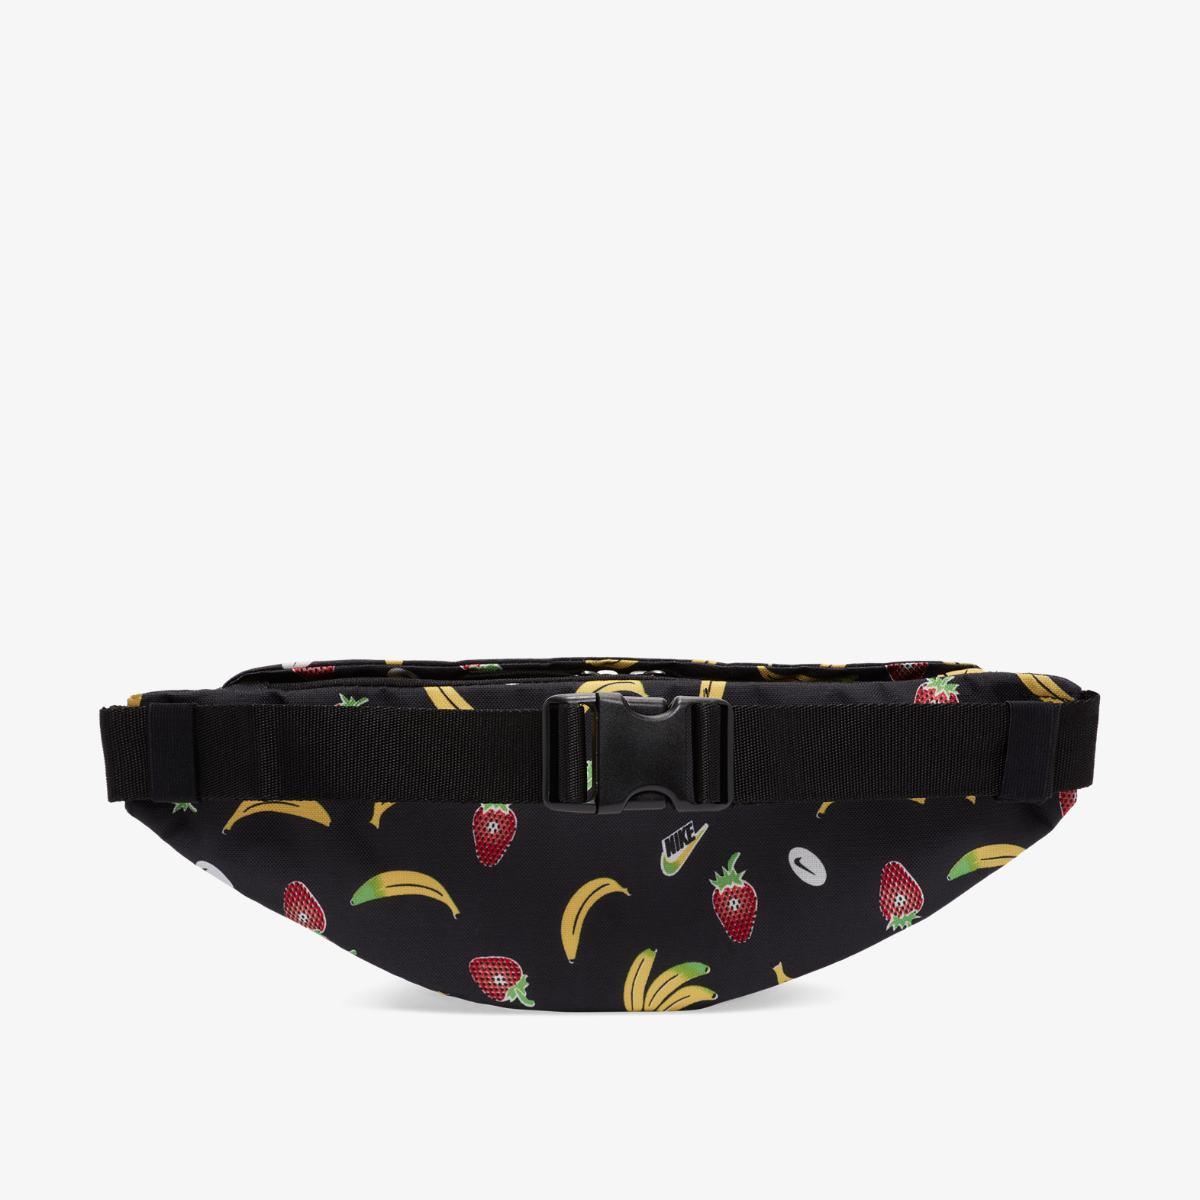 сумка на пояс детская браун старс купить